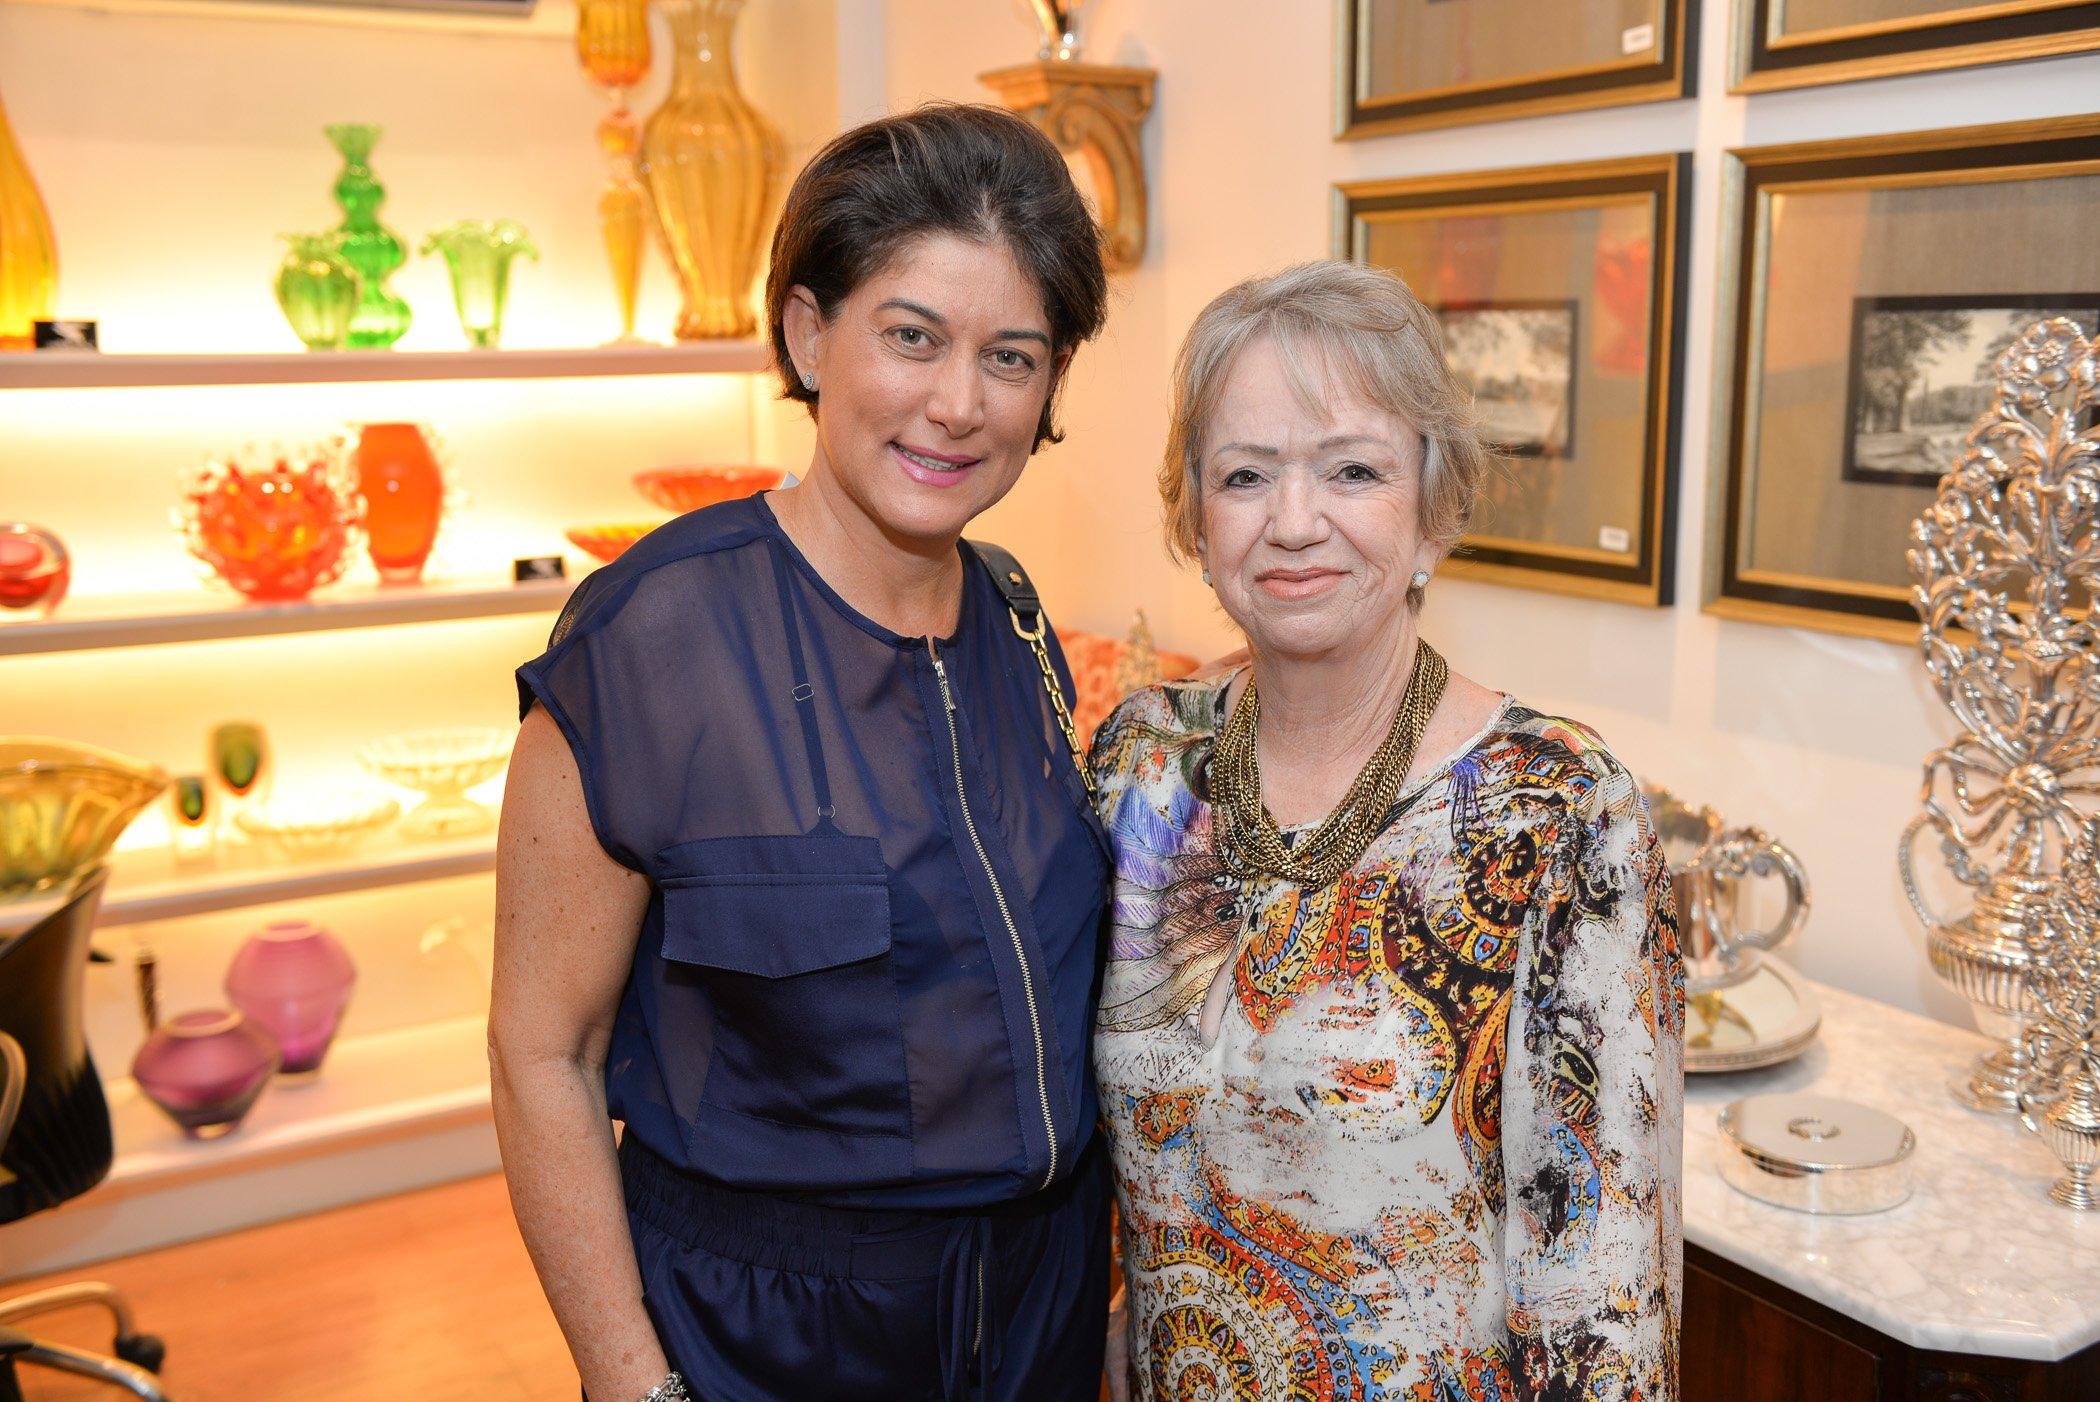 A arquiteta Bárbara Paiva e a empresária Liane Michels